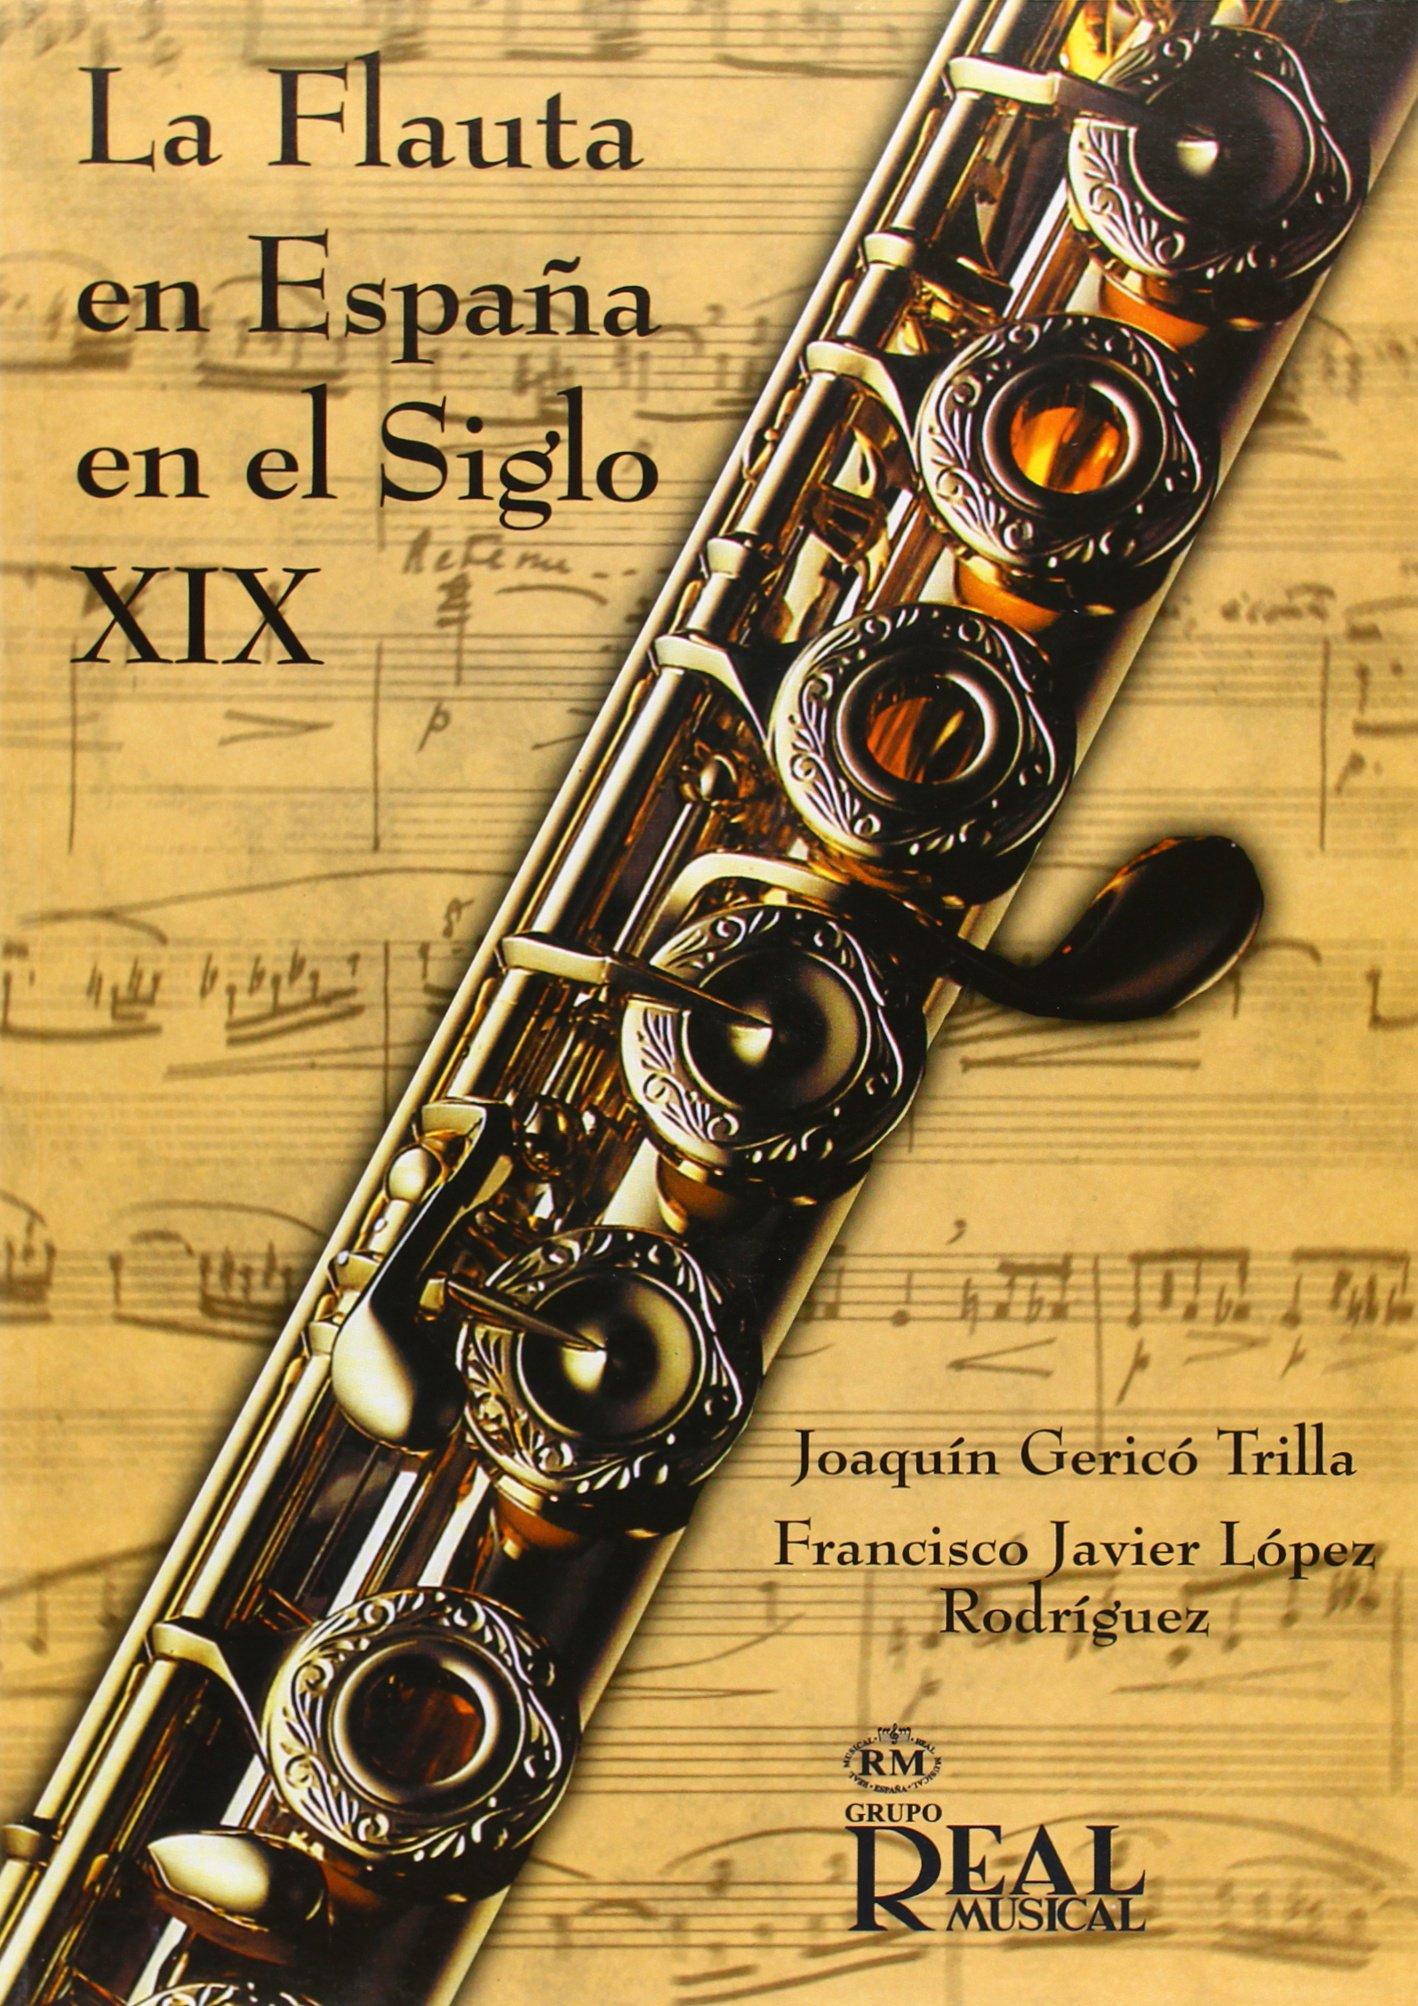 La Flauta en España en el Siglo XIX: Amazon.es: Gerico Trilla: Libros